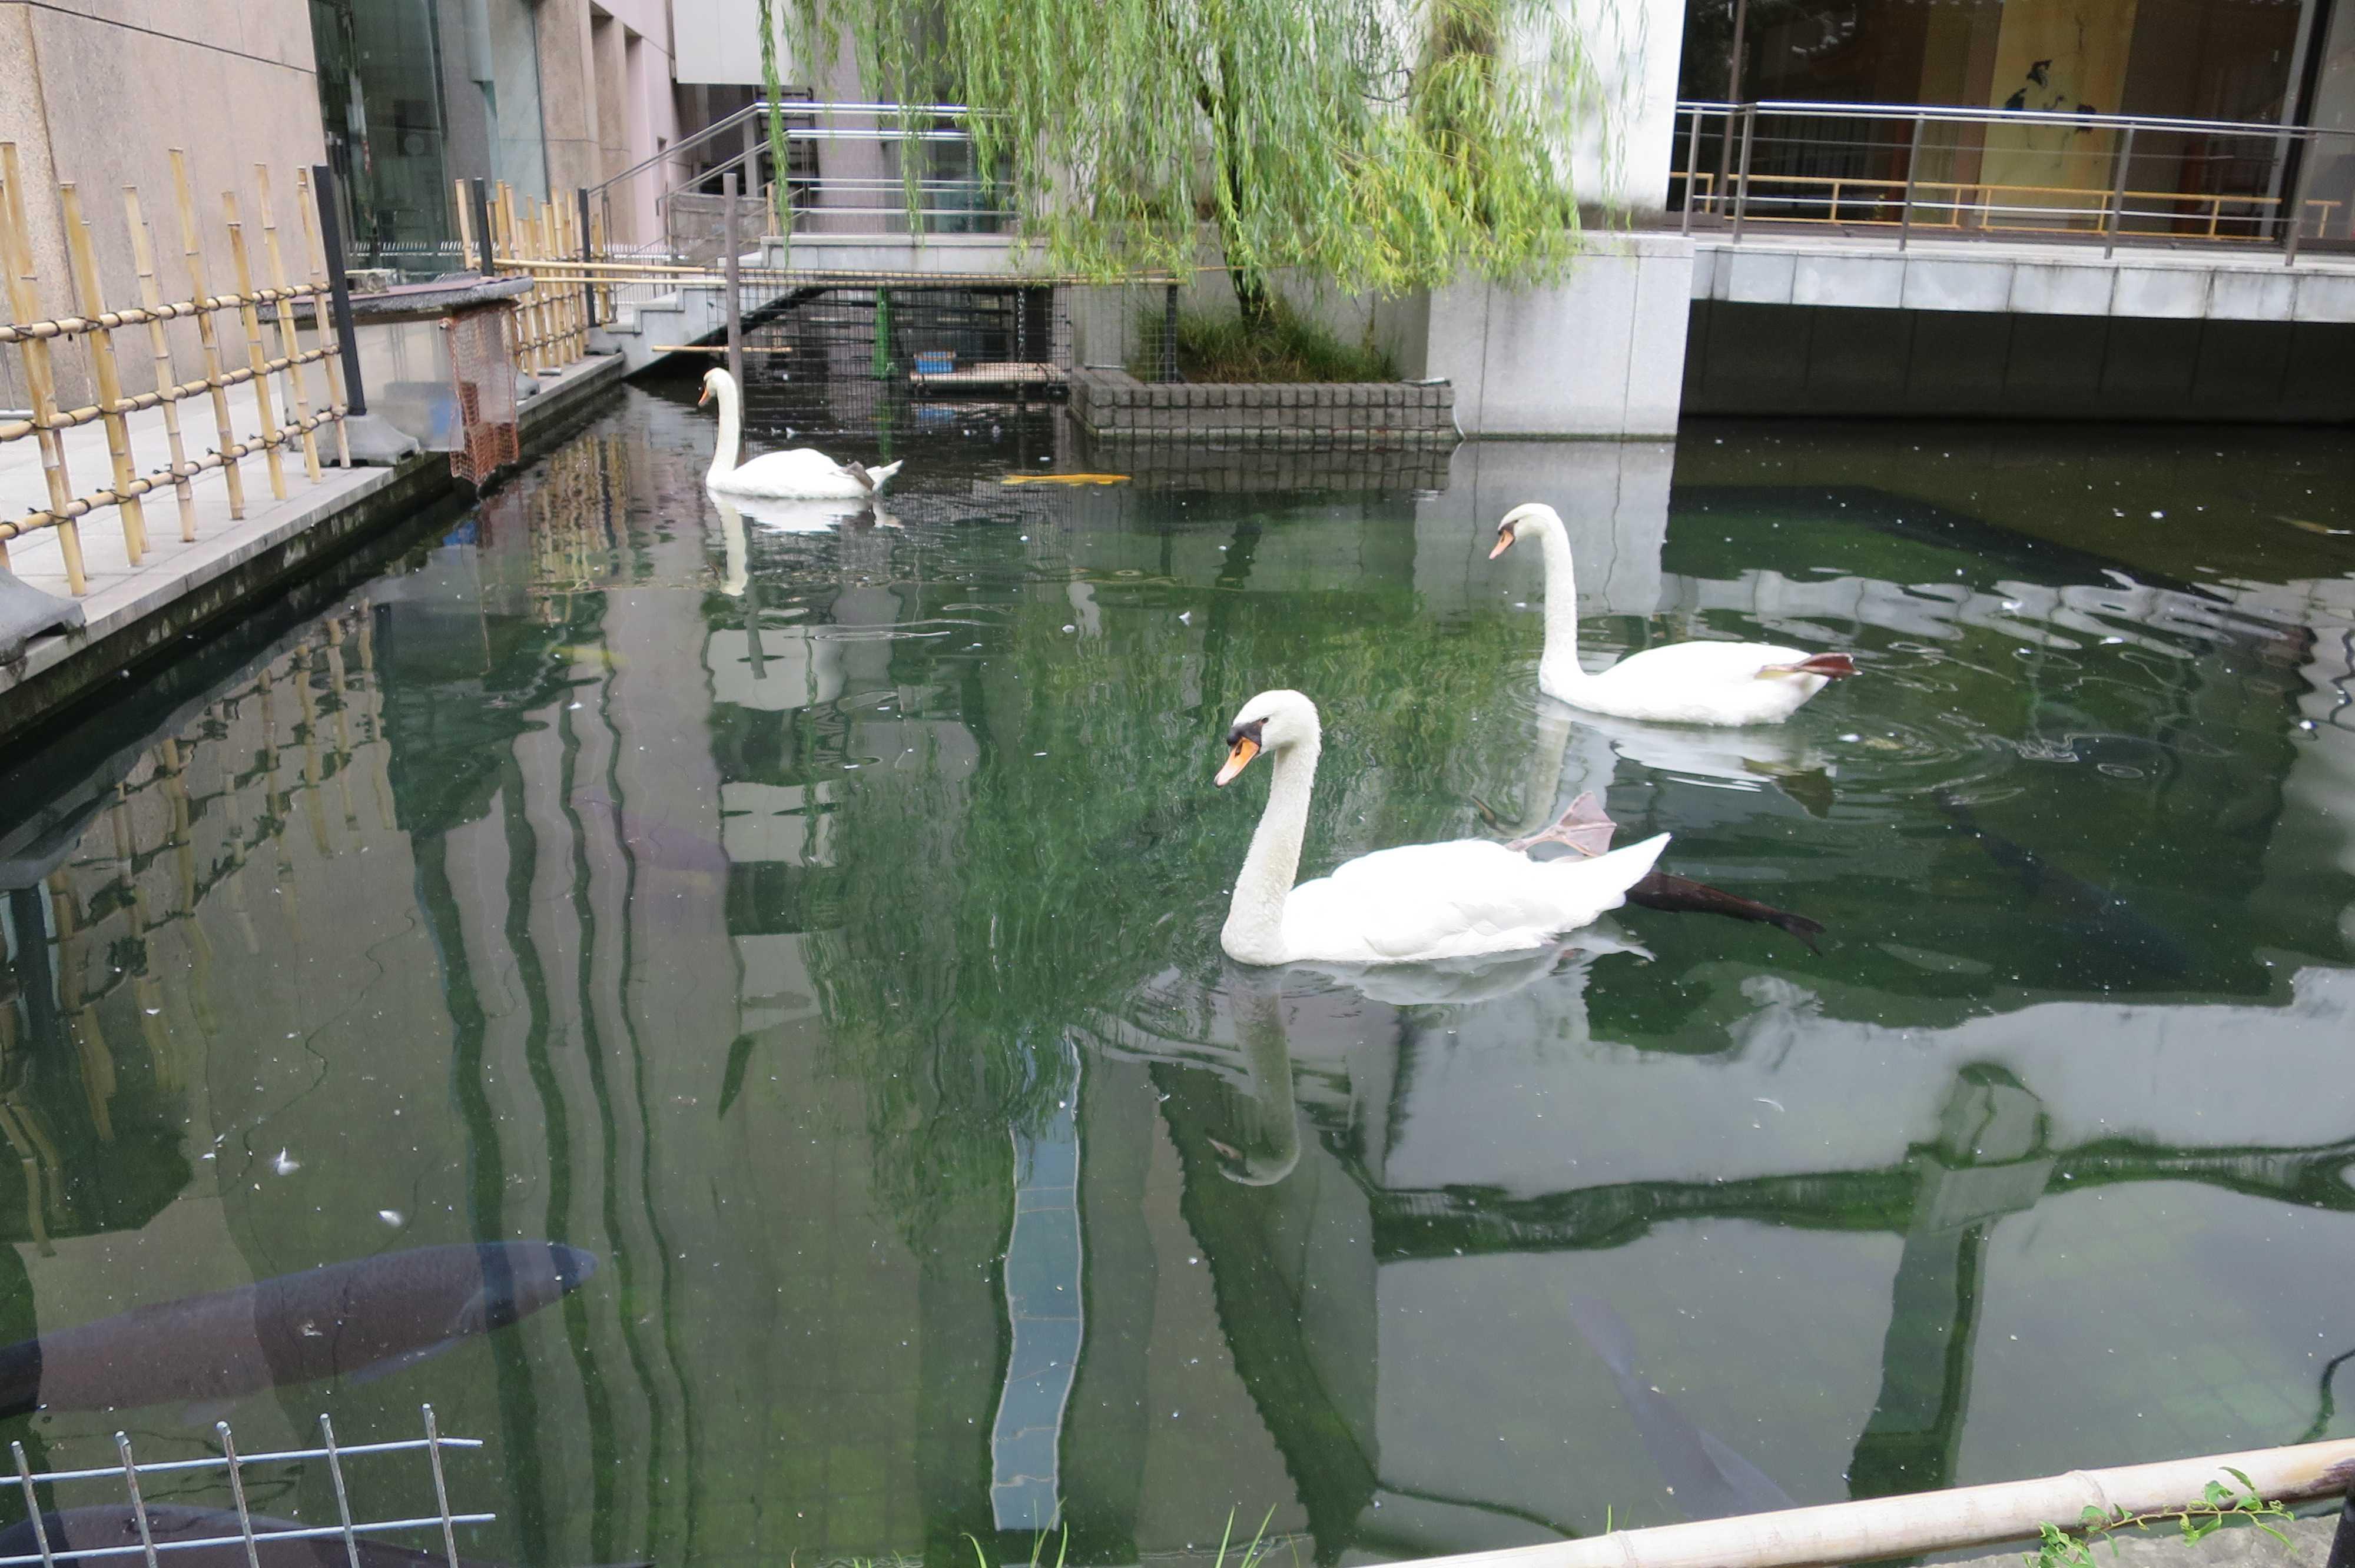 京都・六角堂 - 聖徳太子沐浴の池